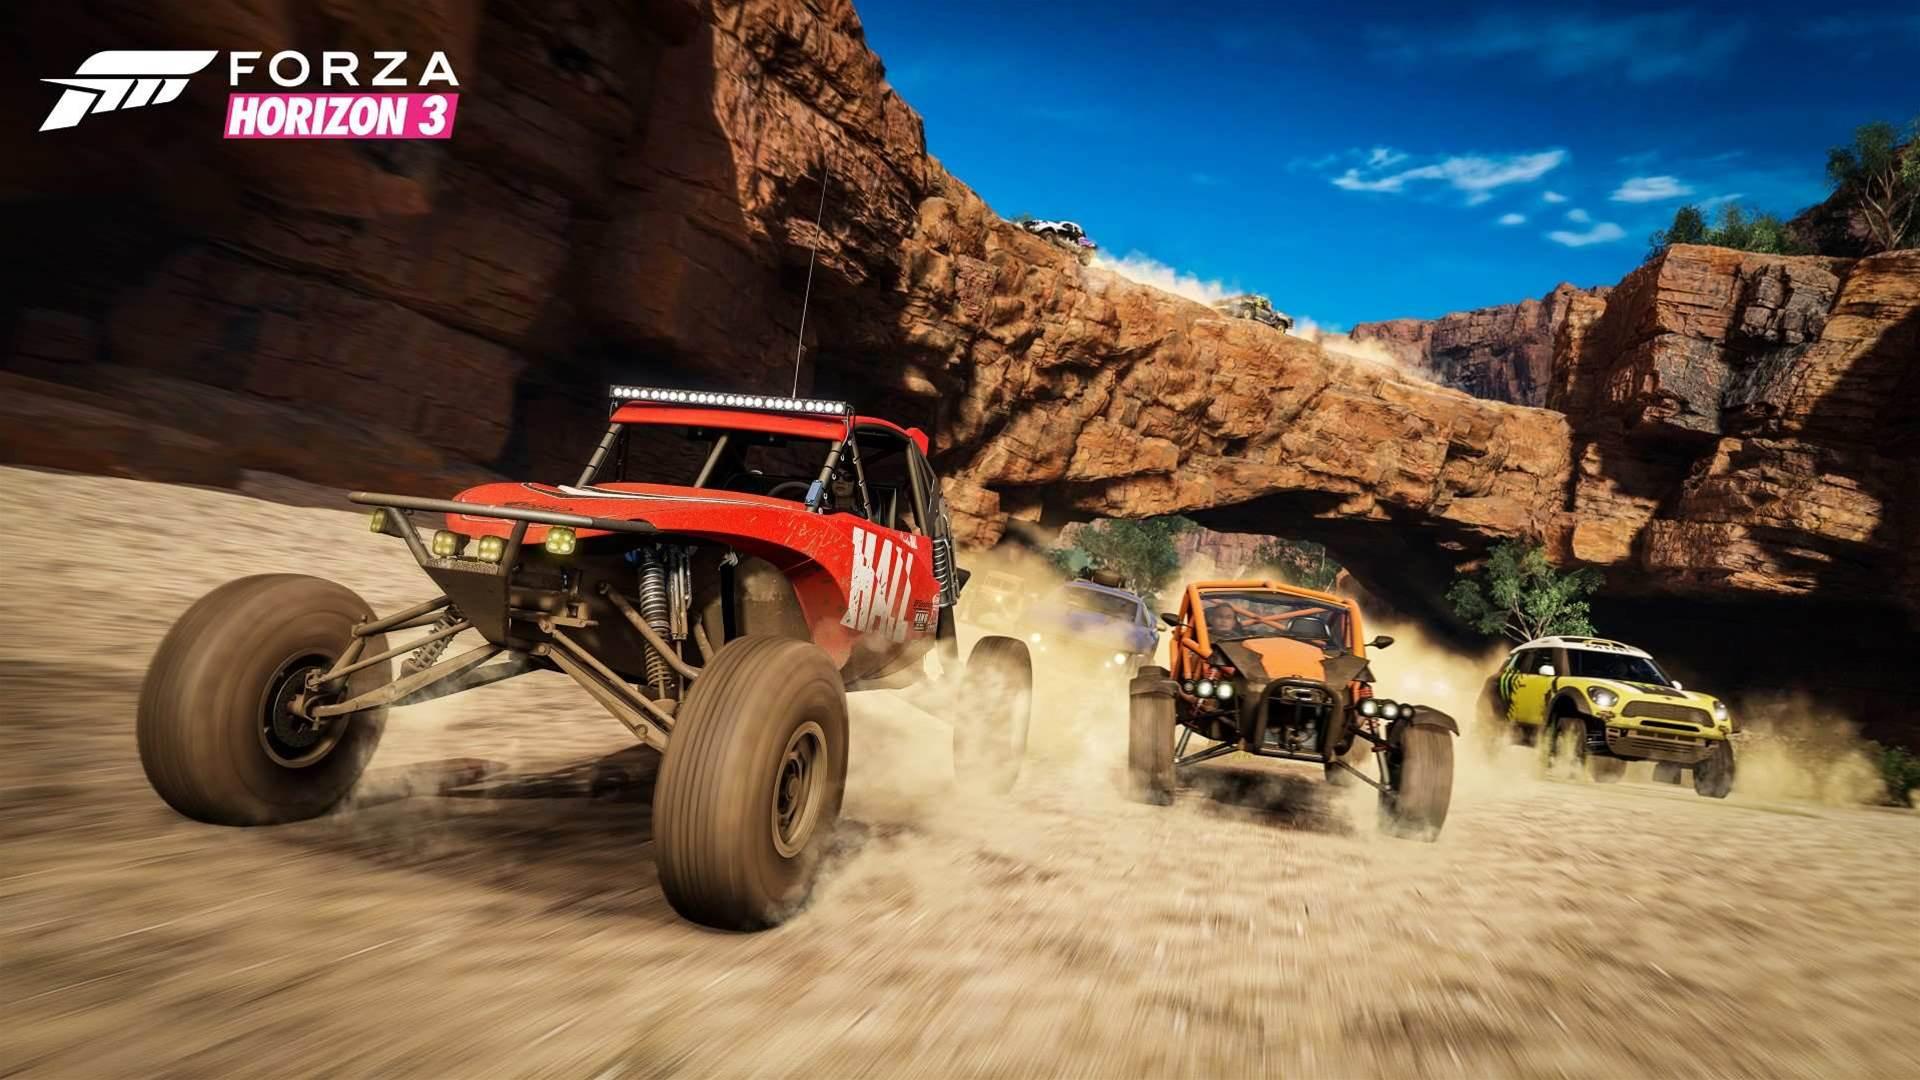 Zoomy shots from Forza Horizon 3